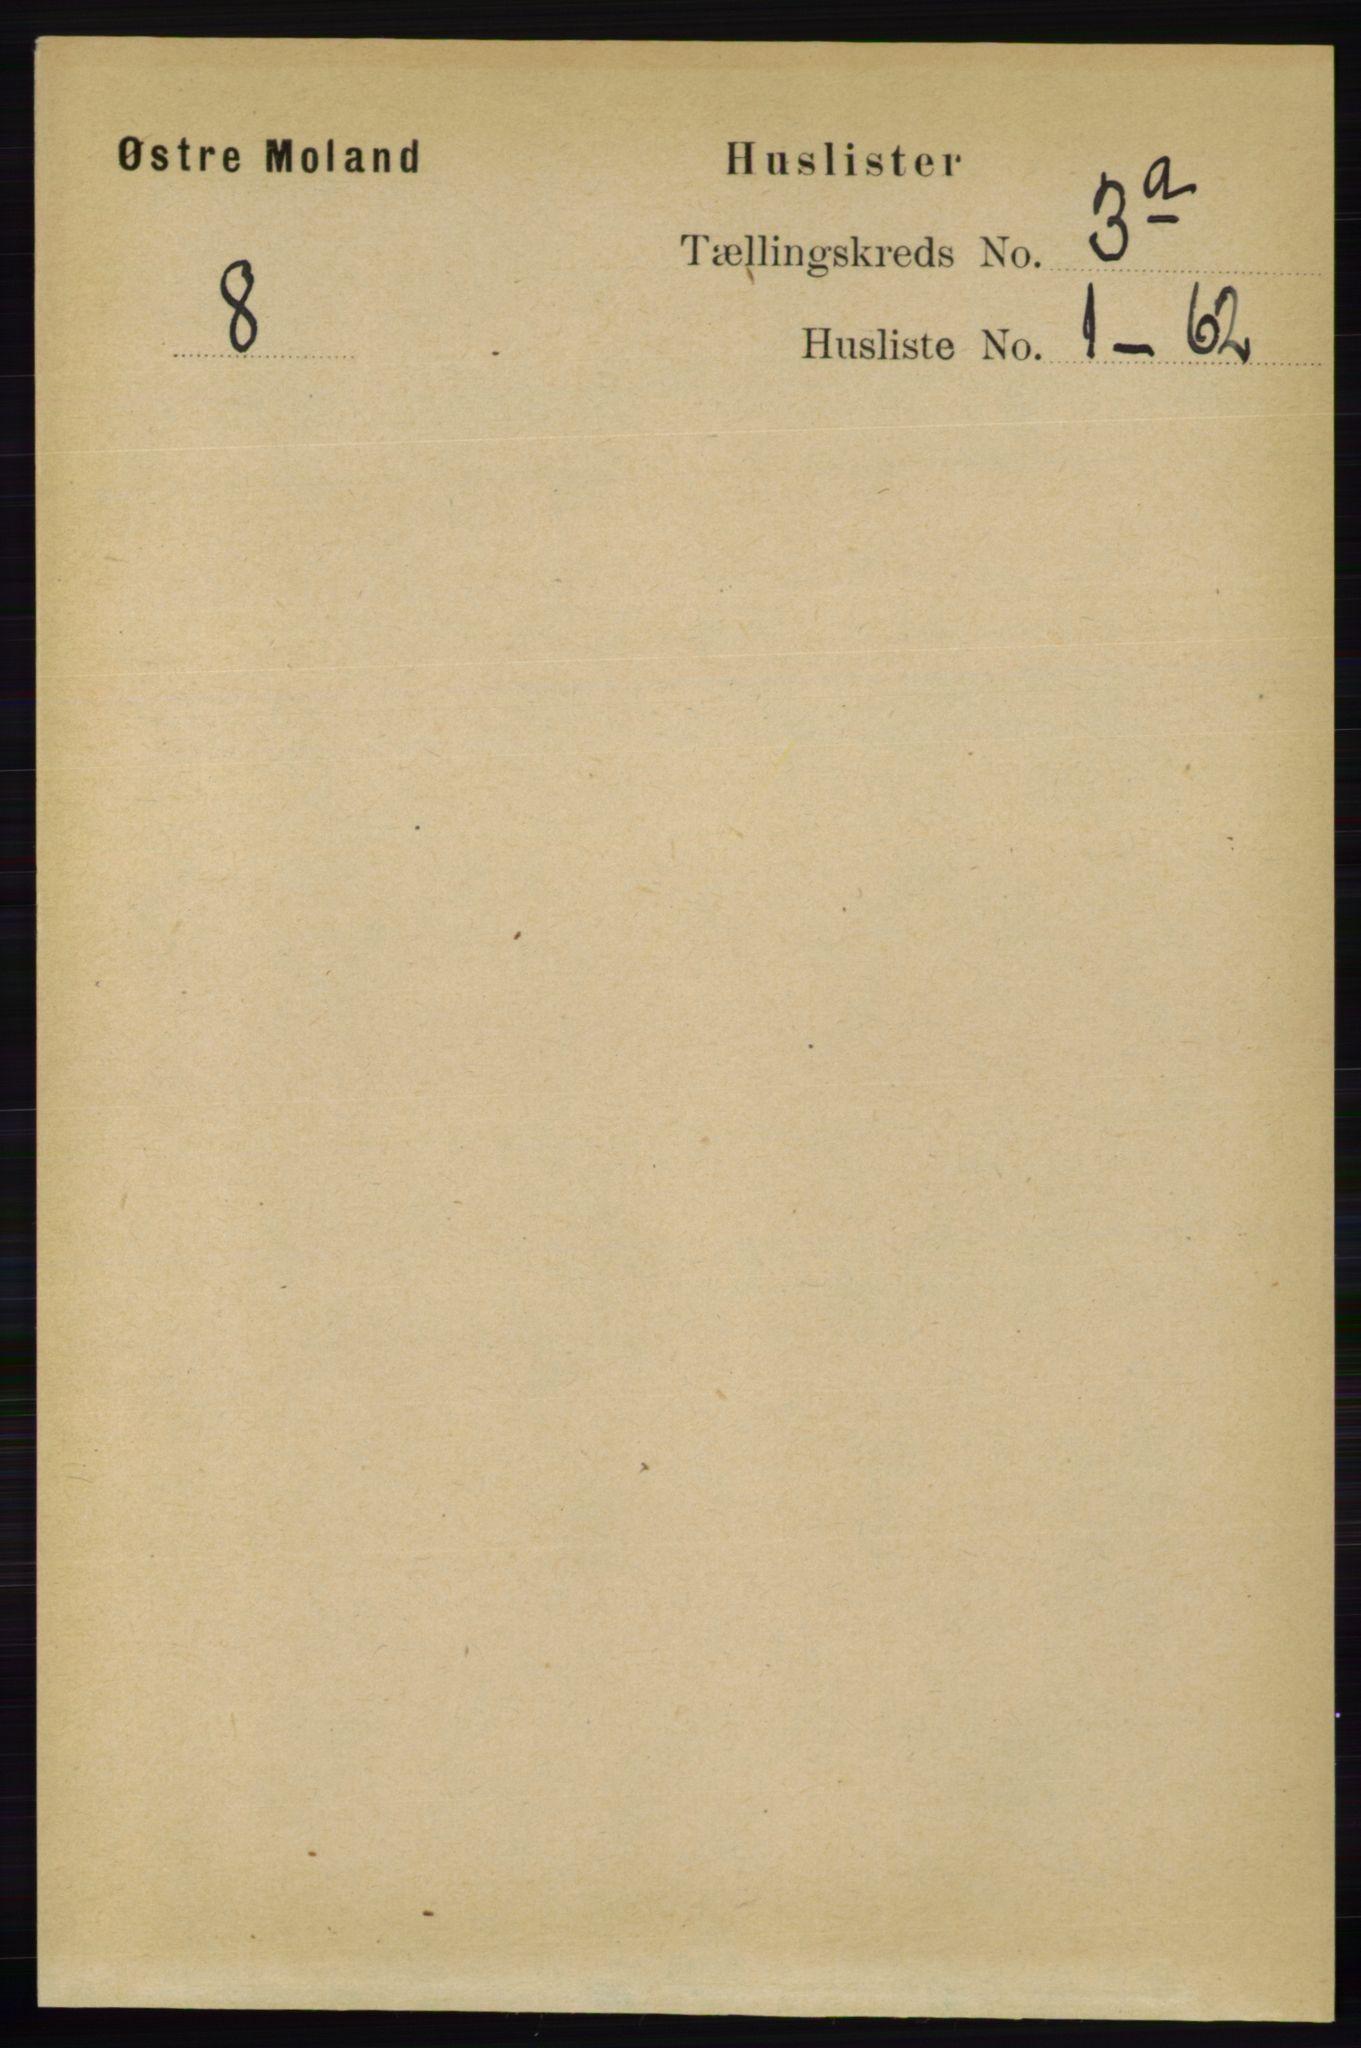 RA, Folketelling 1891 for 0918 Austre Moland herred, 1891, s. 1291